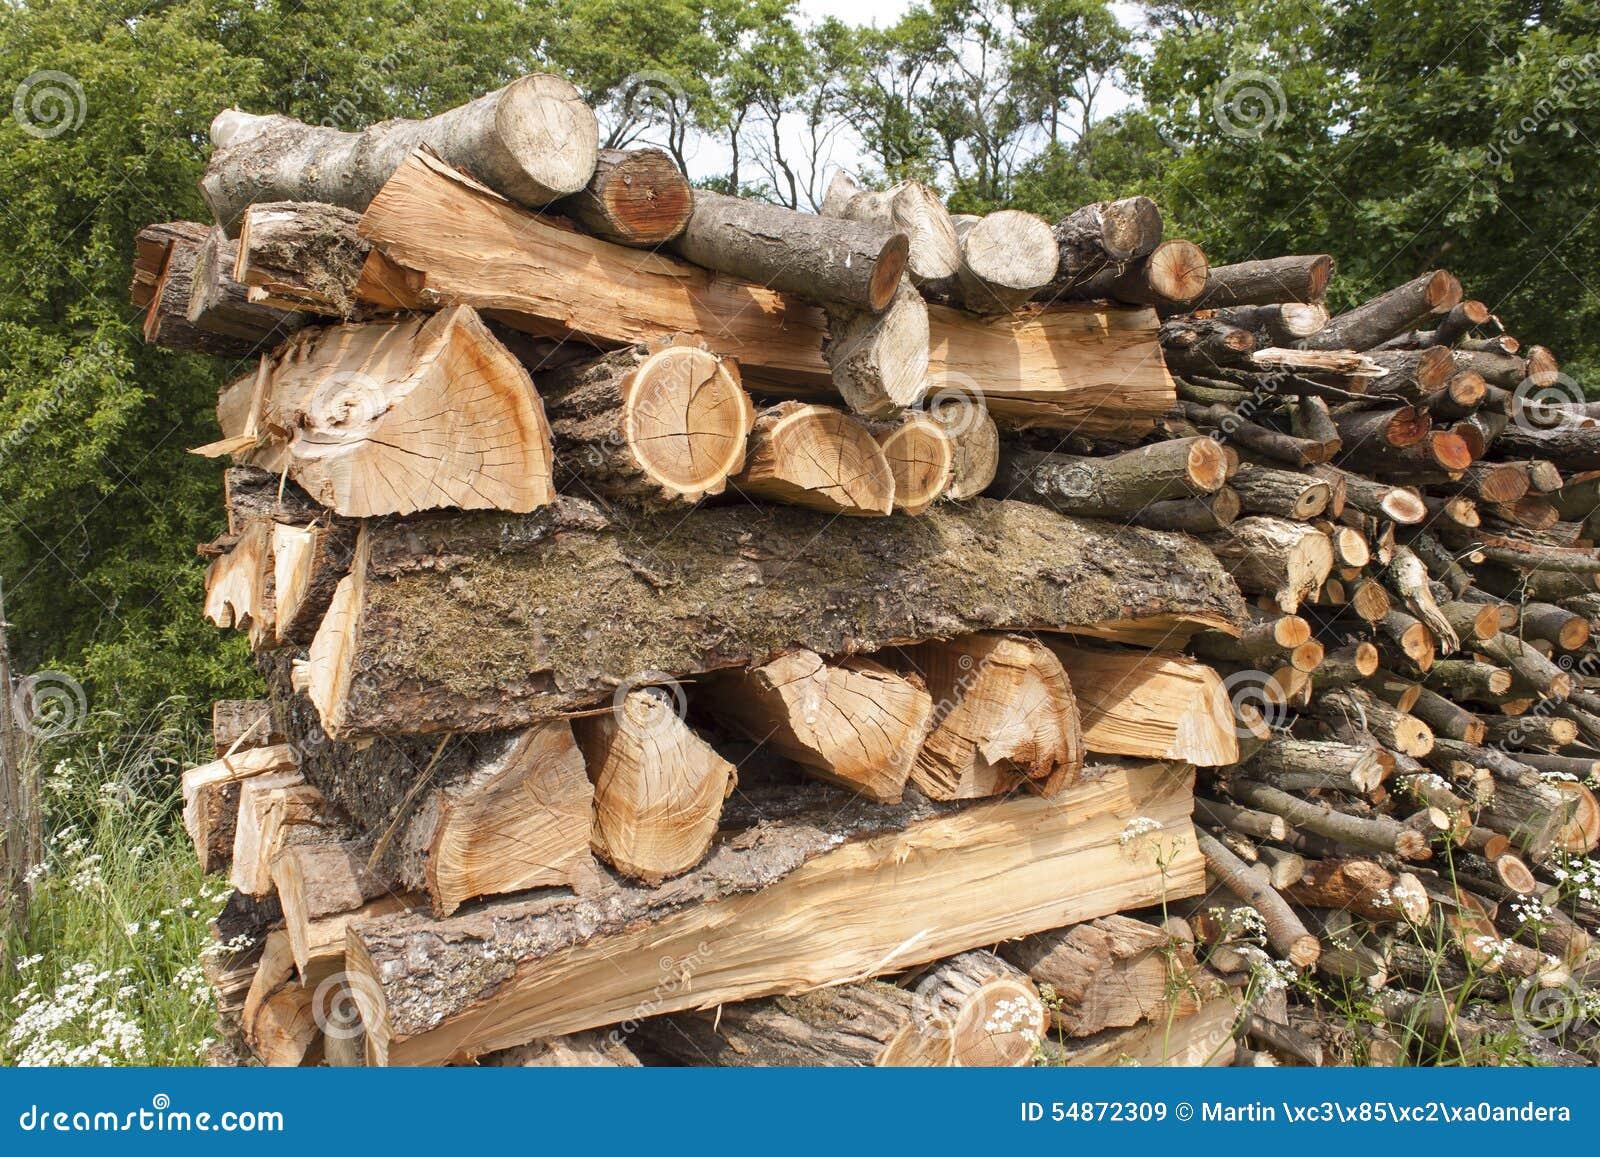 bois de chauffage coup pour l 39 hiver le bois du prunier photo stock image 54872309. Black Bedroom Furniture Sets. Home Design Ideas